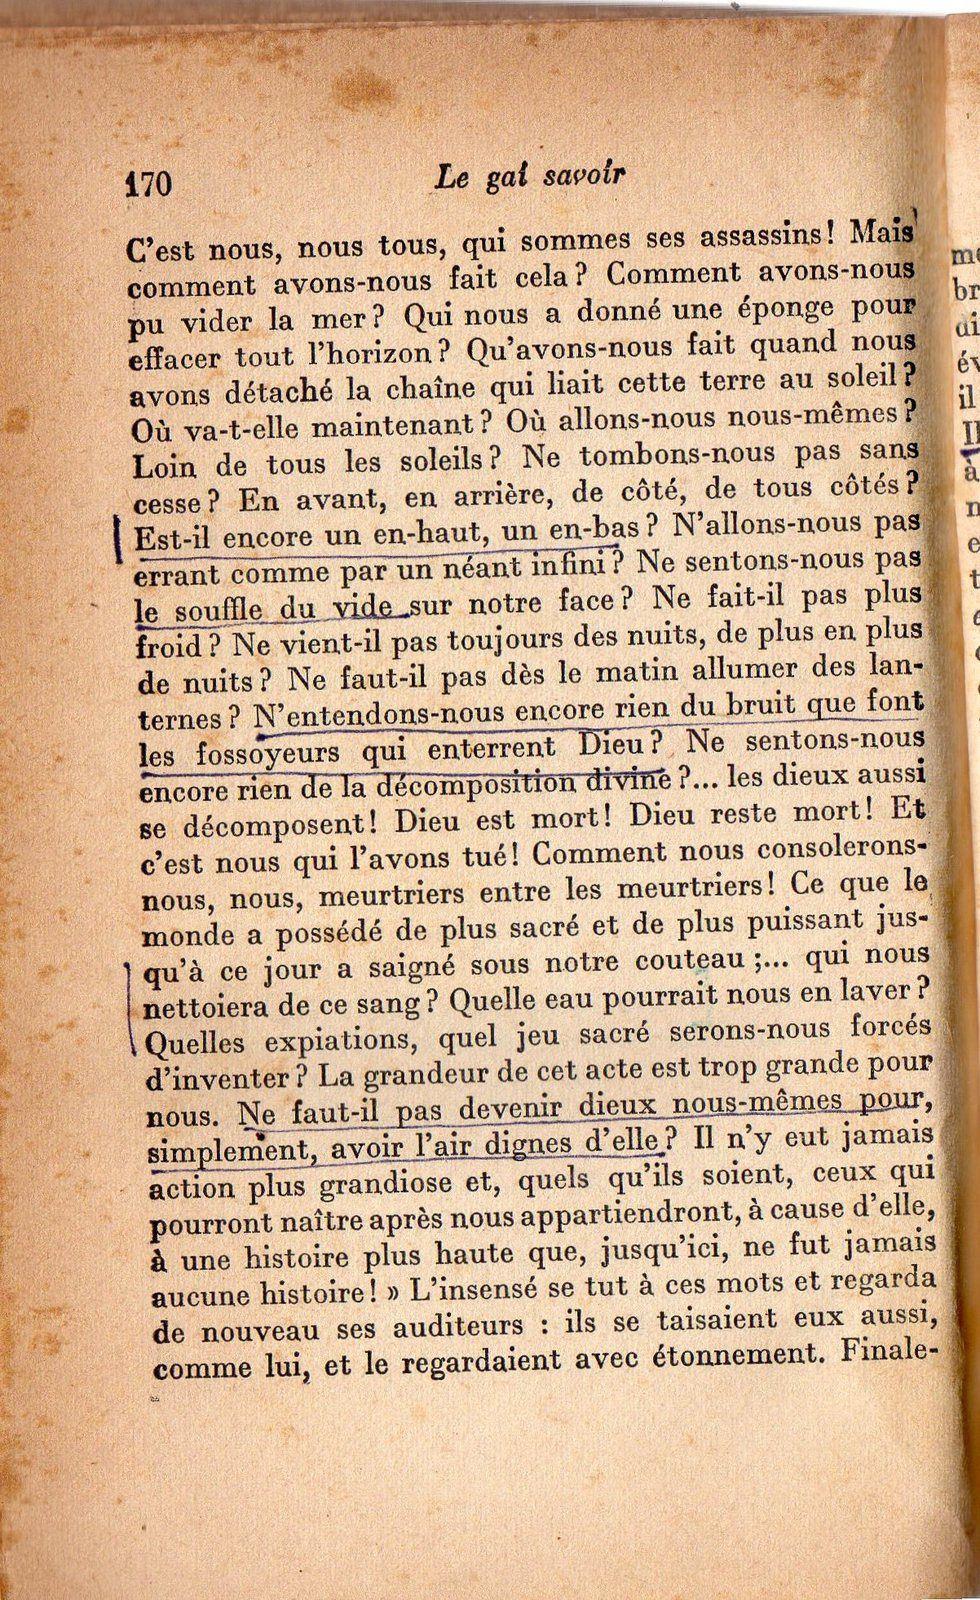 3 ) Une page de Nietzsche sur La mort de Dieu. 4 ) Ceux qui ont gardé la lumière ( le soleil ). 5 ) Le transhumanisme. 6 ) Image non dépourvue de signification. .